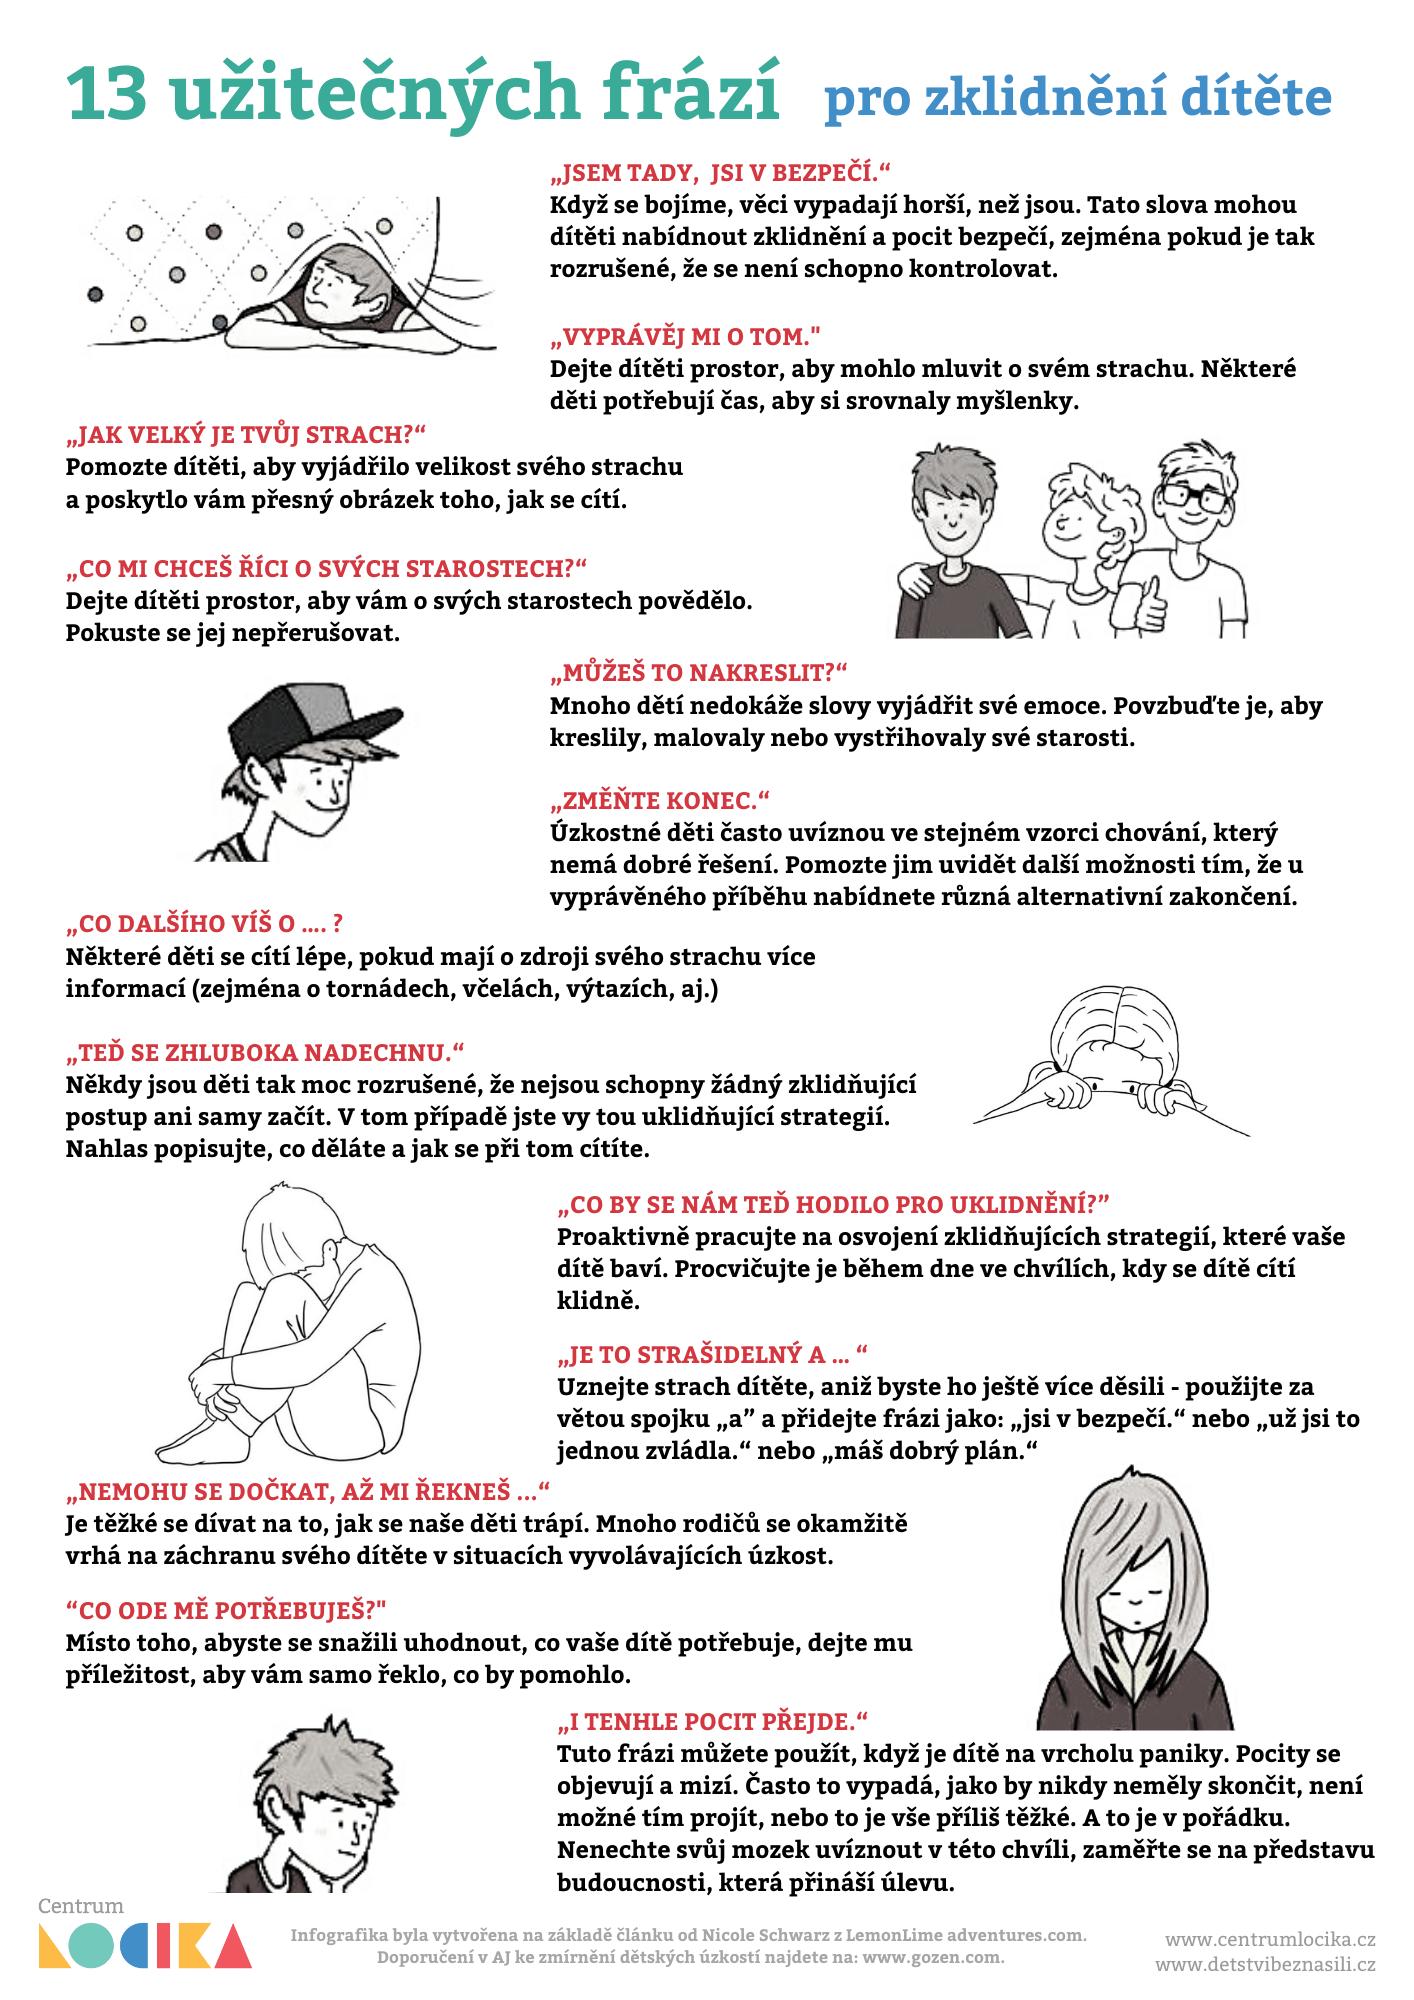 13 užitečných frází pro zklidnění dítěte